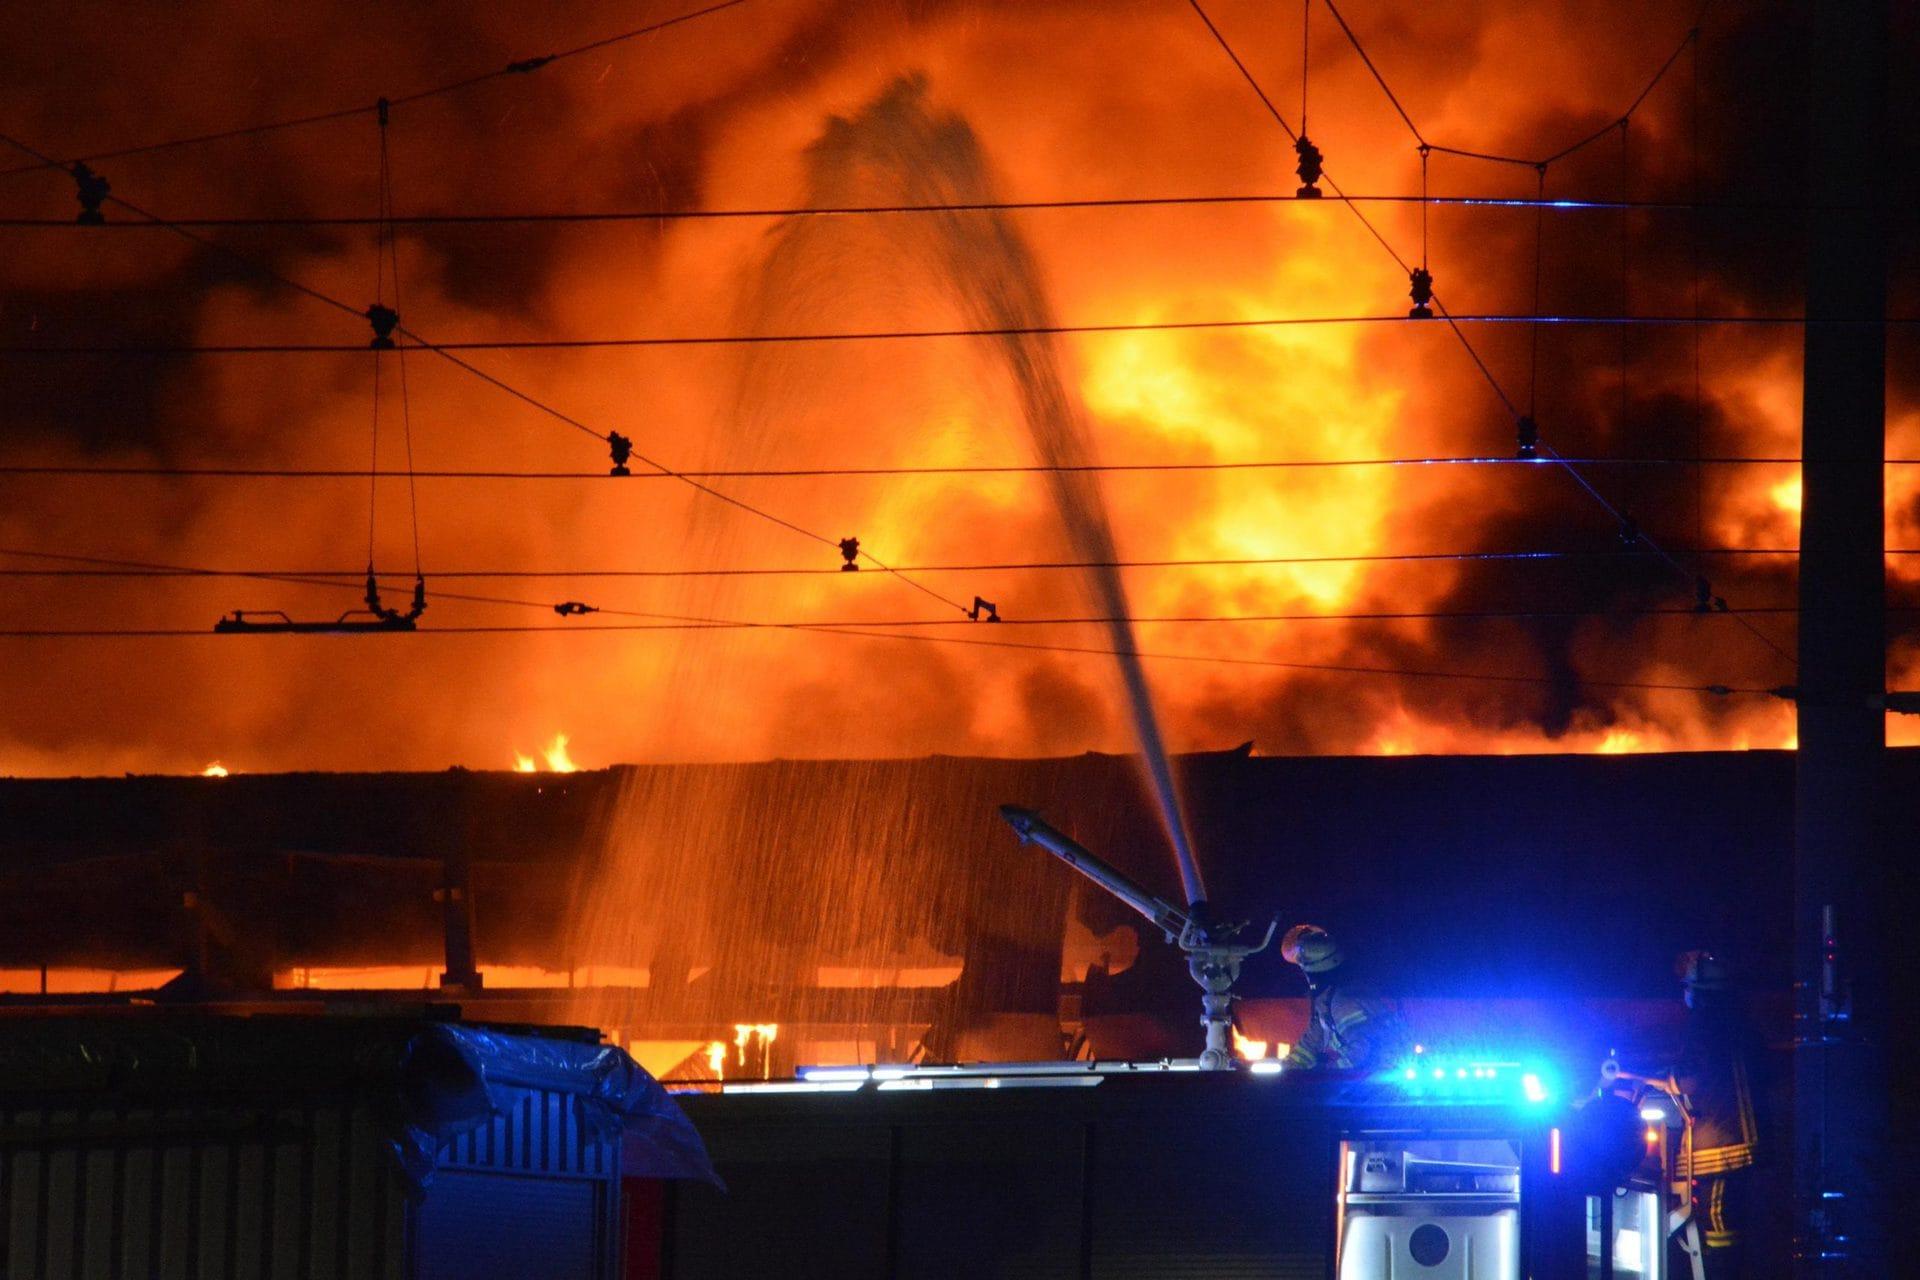 Großbrand in Abstellhalle in Düsseldorf Millionenschaden